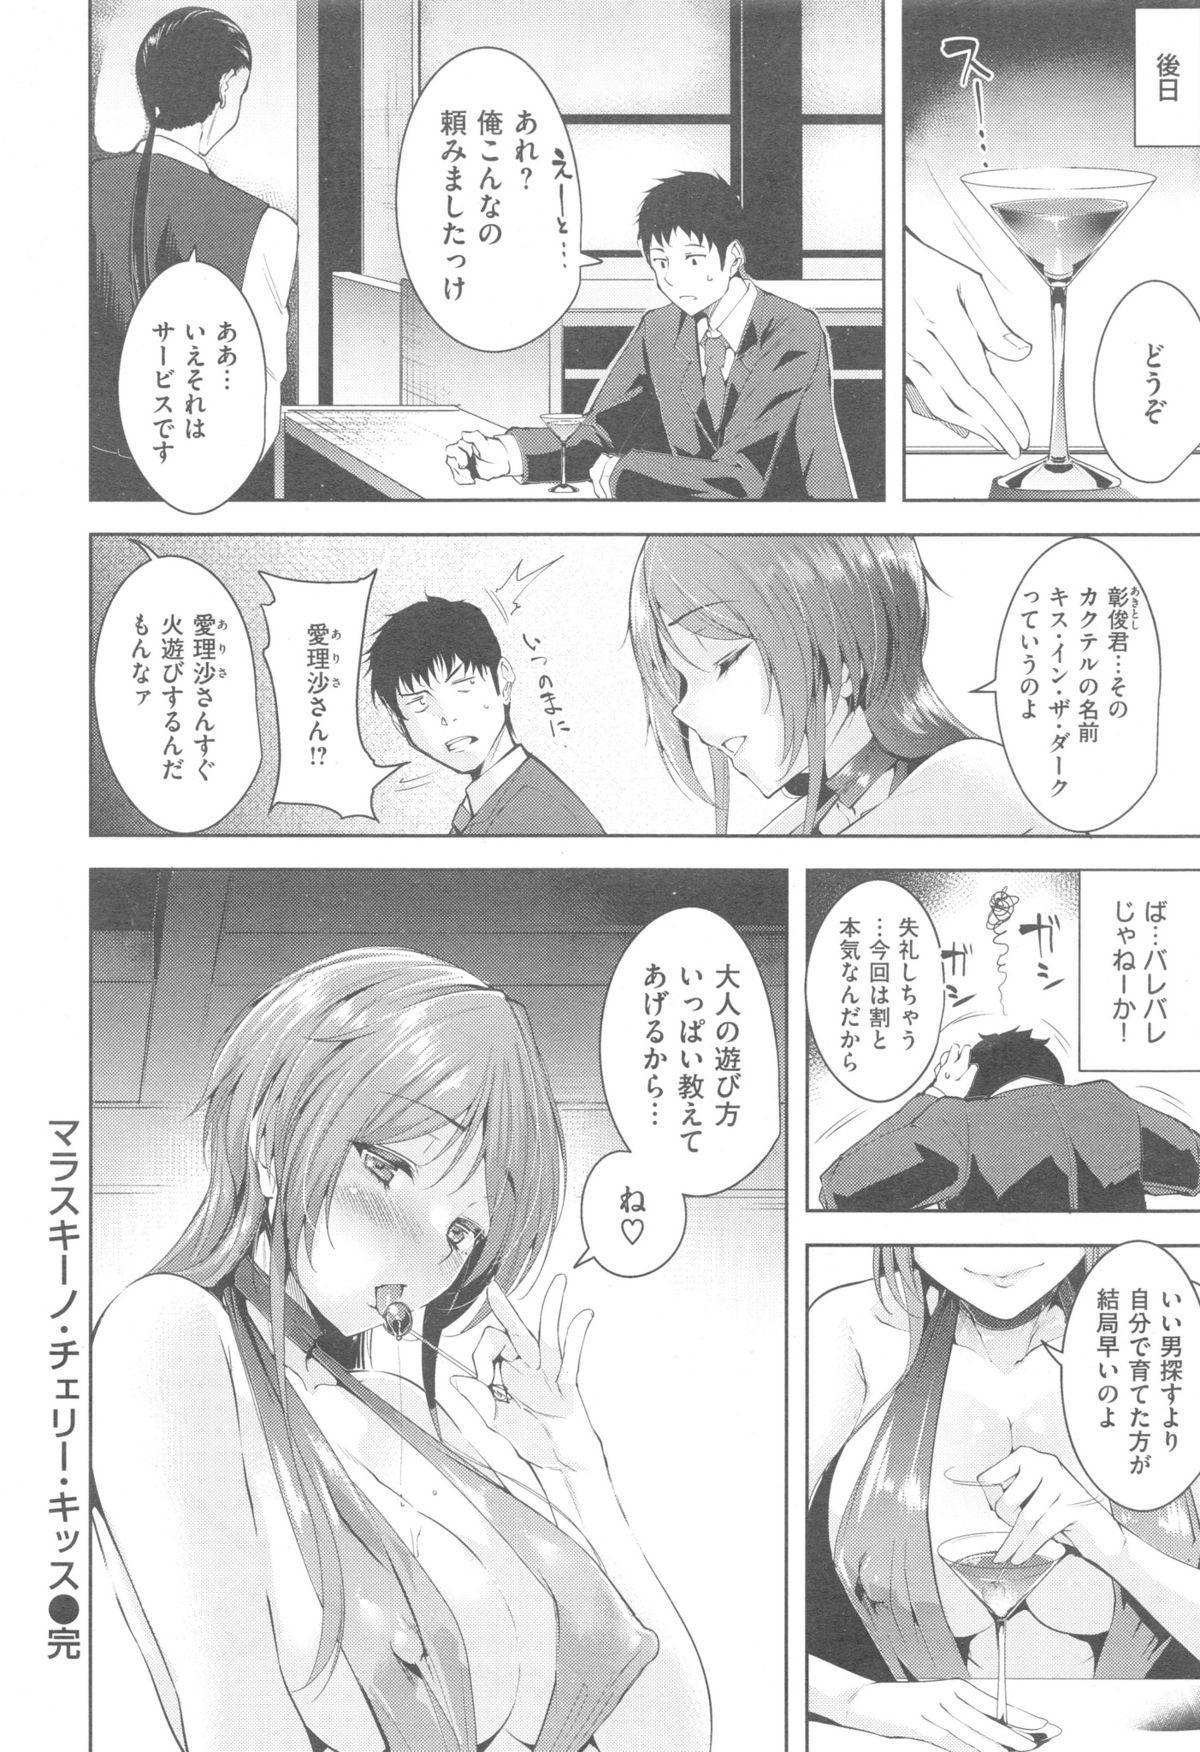 COMIC Kairakuten XTC Vol. 5 65